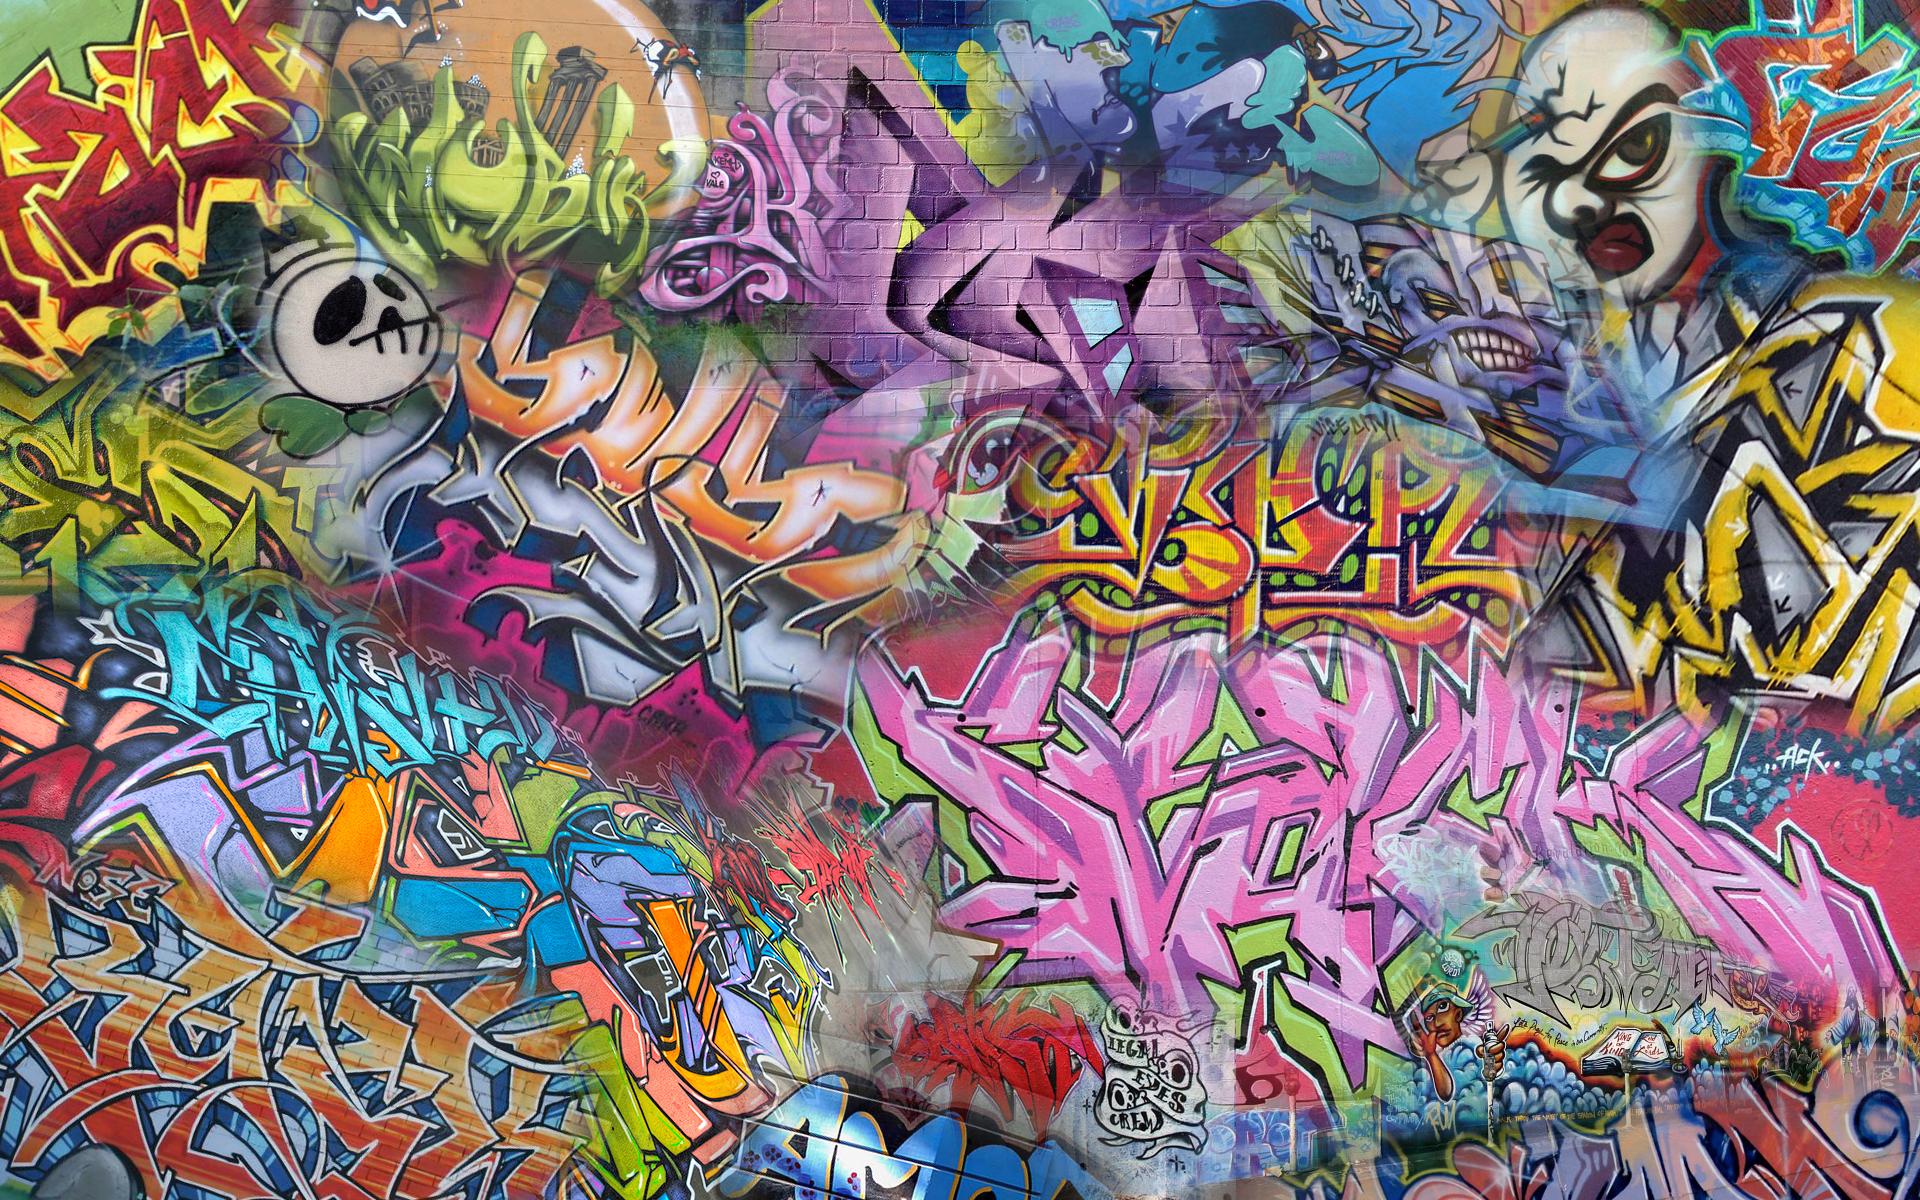 libertad anahi y christian chavez anime wallpaper